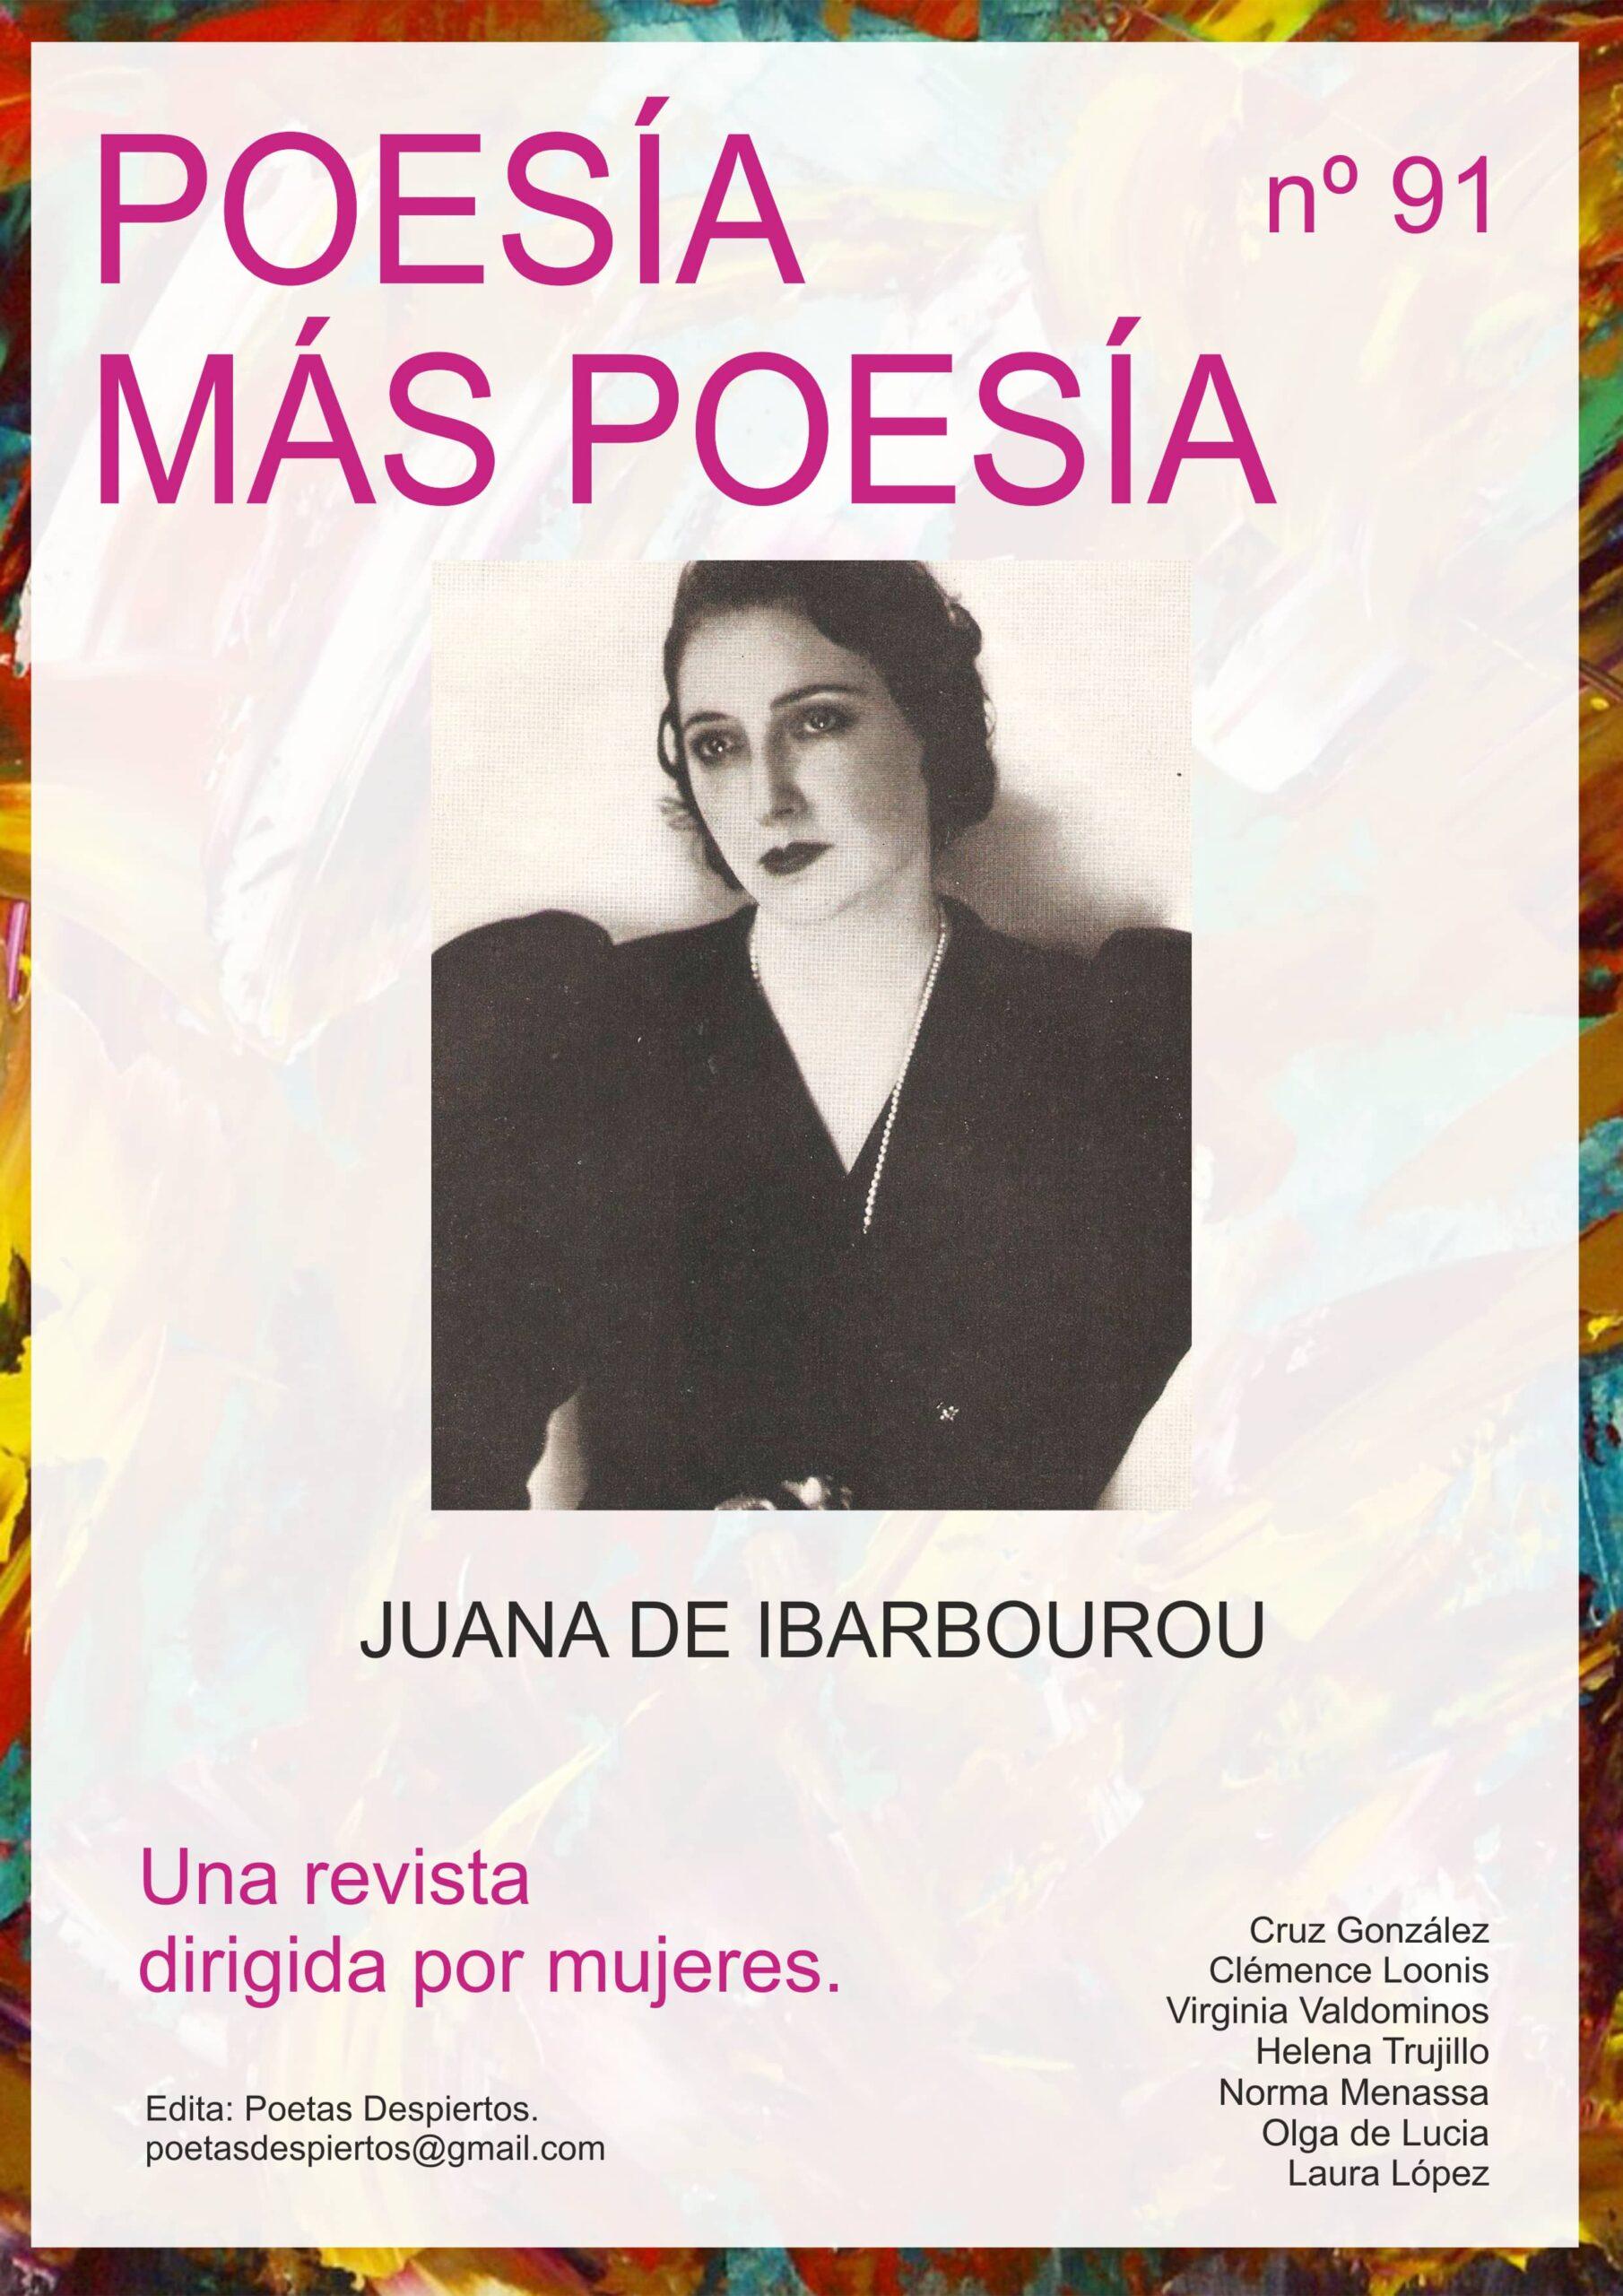 Revista de poesía dedicada a la poeta uruguaya Juana de Ibarbourou y a la poeta española Pilar Rojas